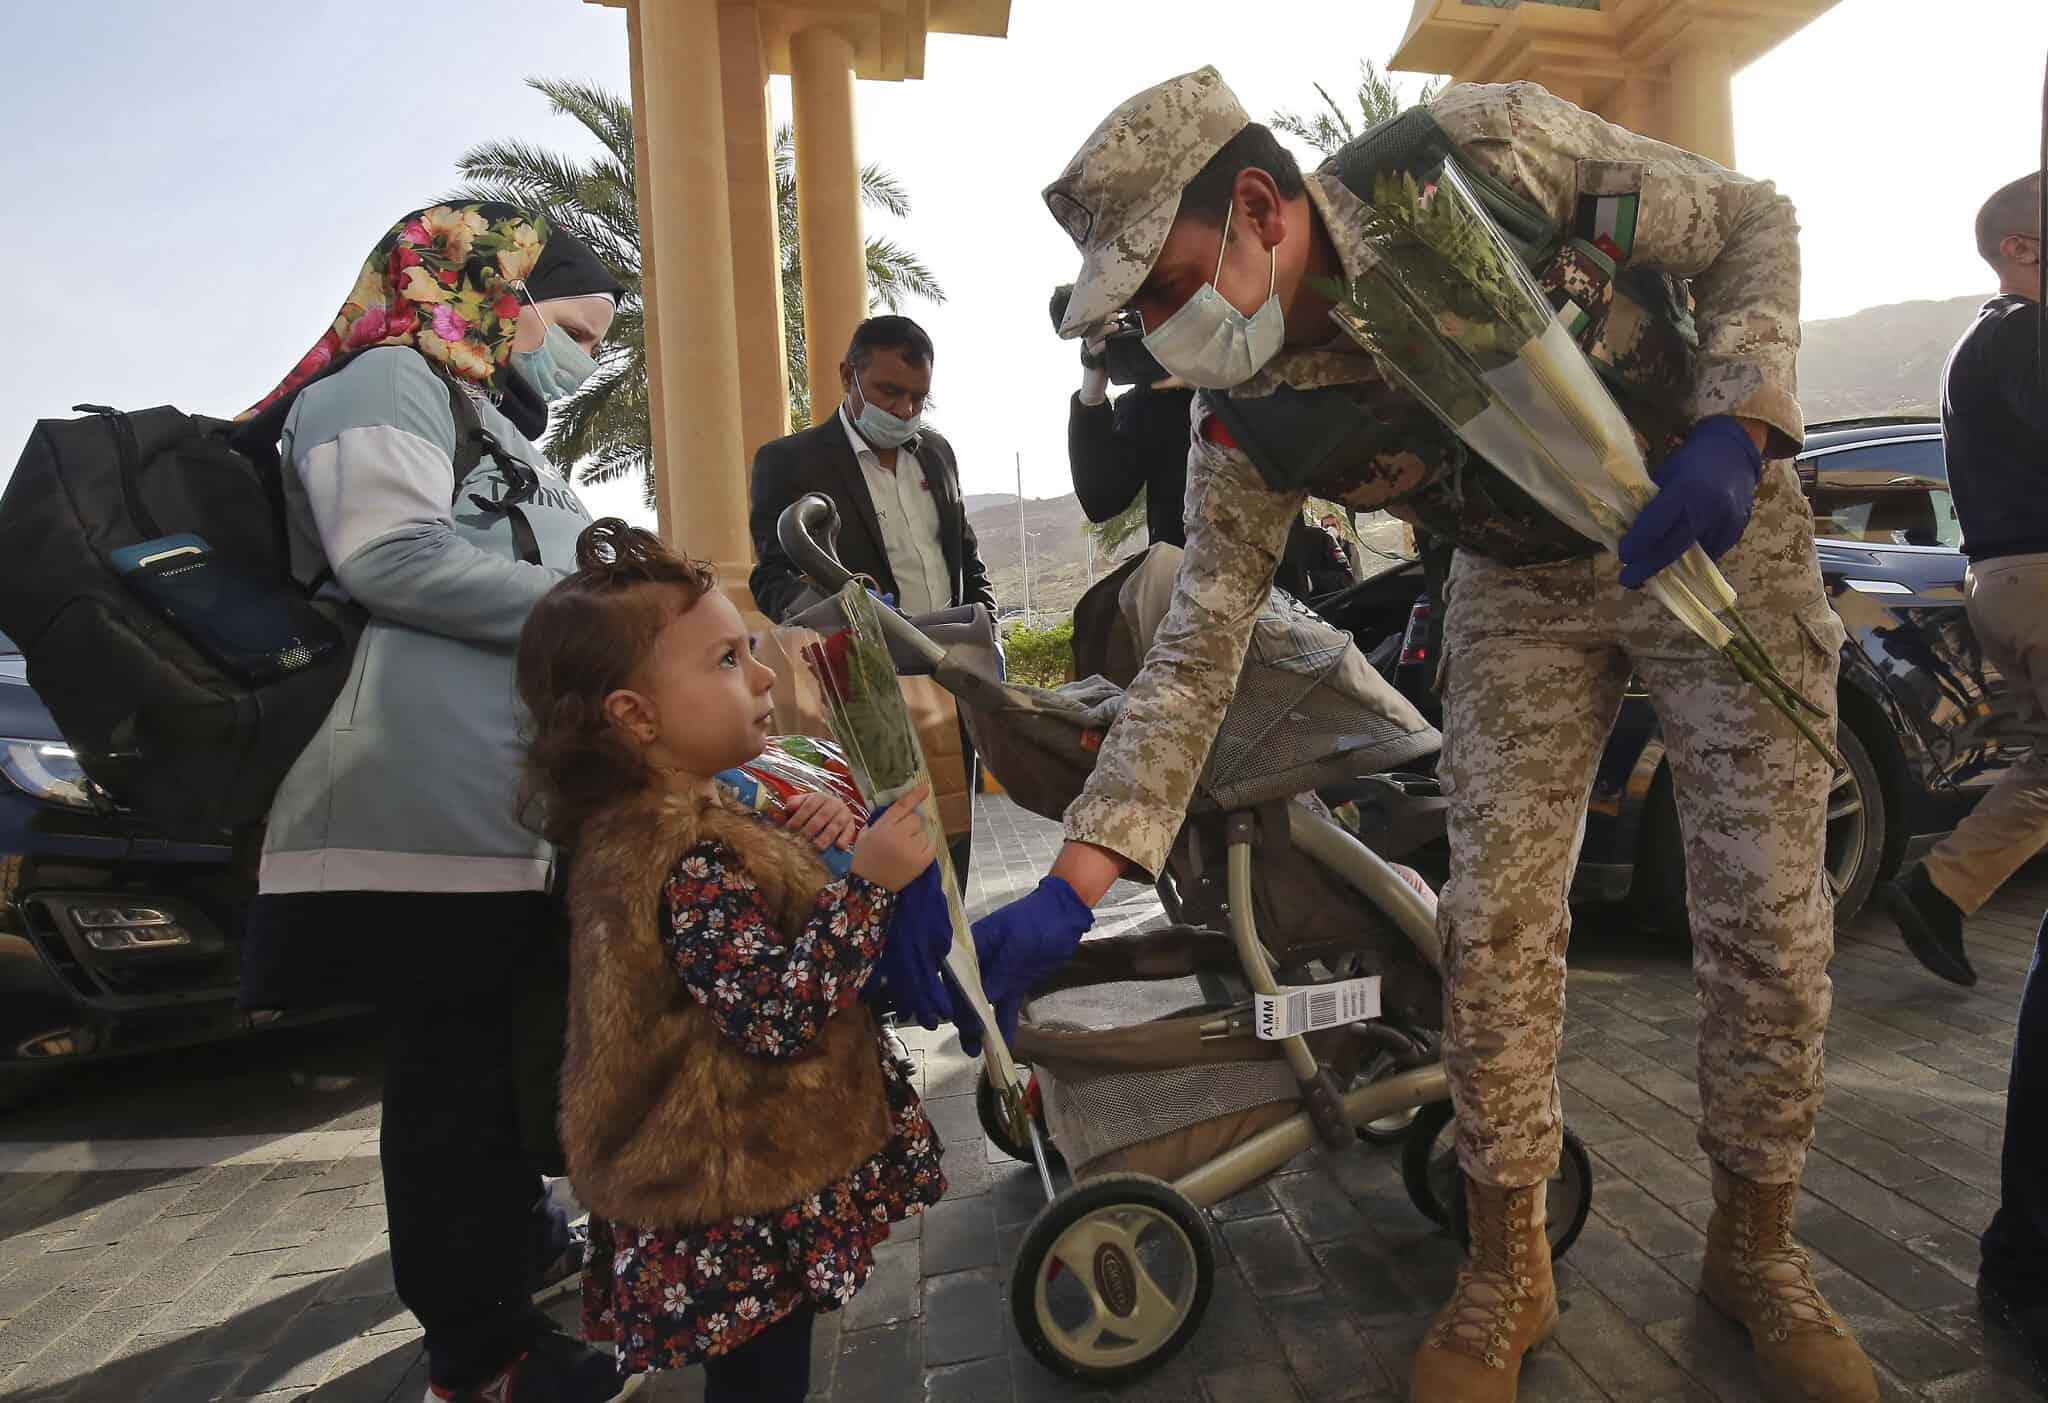 חיילים ירדנים מחלקים פרחים לתושבים שהיו נתונים לסגר ממושך בצד הירדני של ים המלח, 30 במרץ 2020 (צילום: halil Mazraawi/Pool via AP)